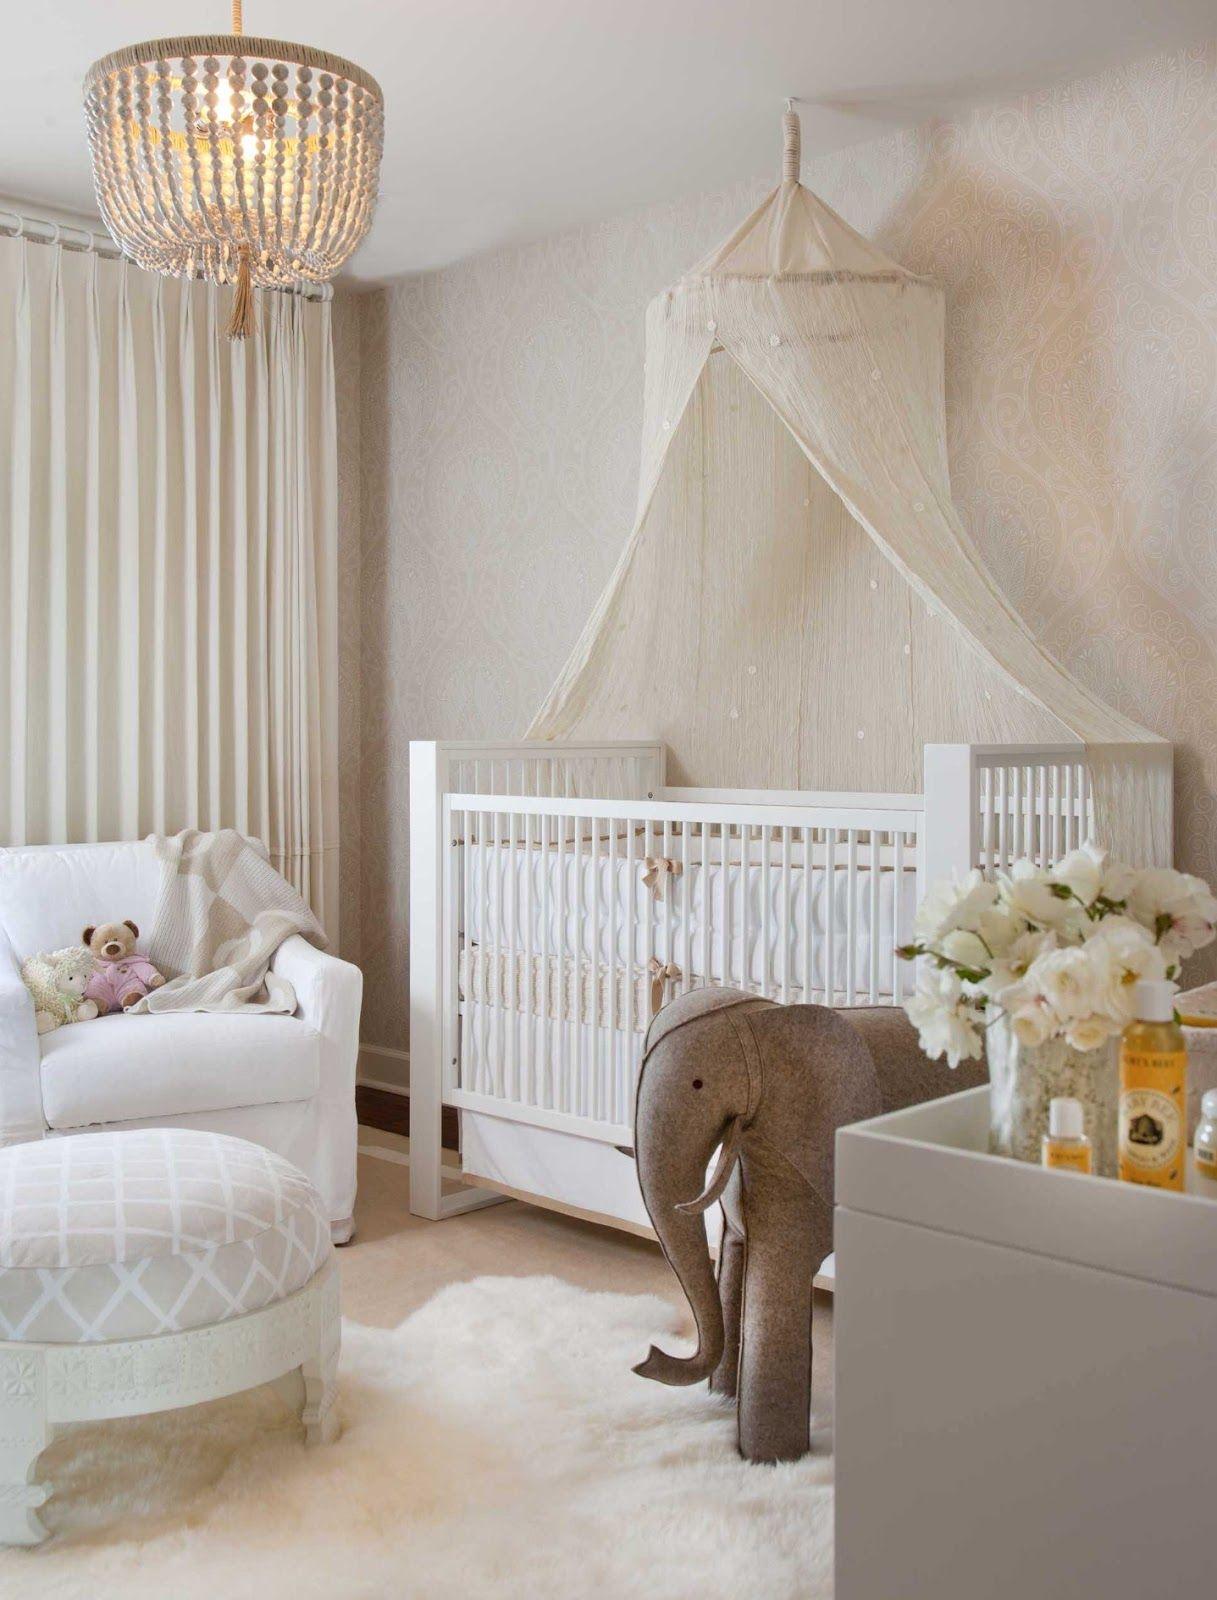 Балдахин над детской кроваткой, закрепленный на потолке